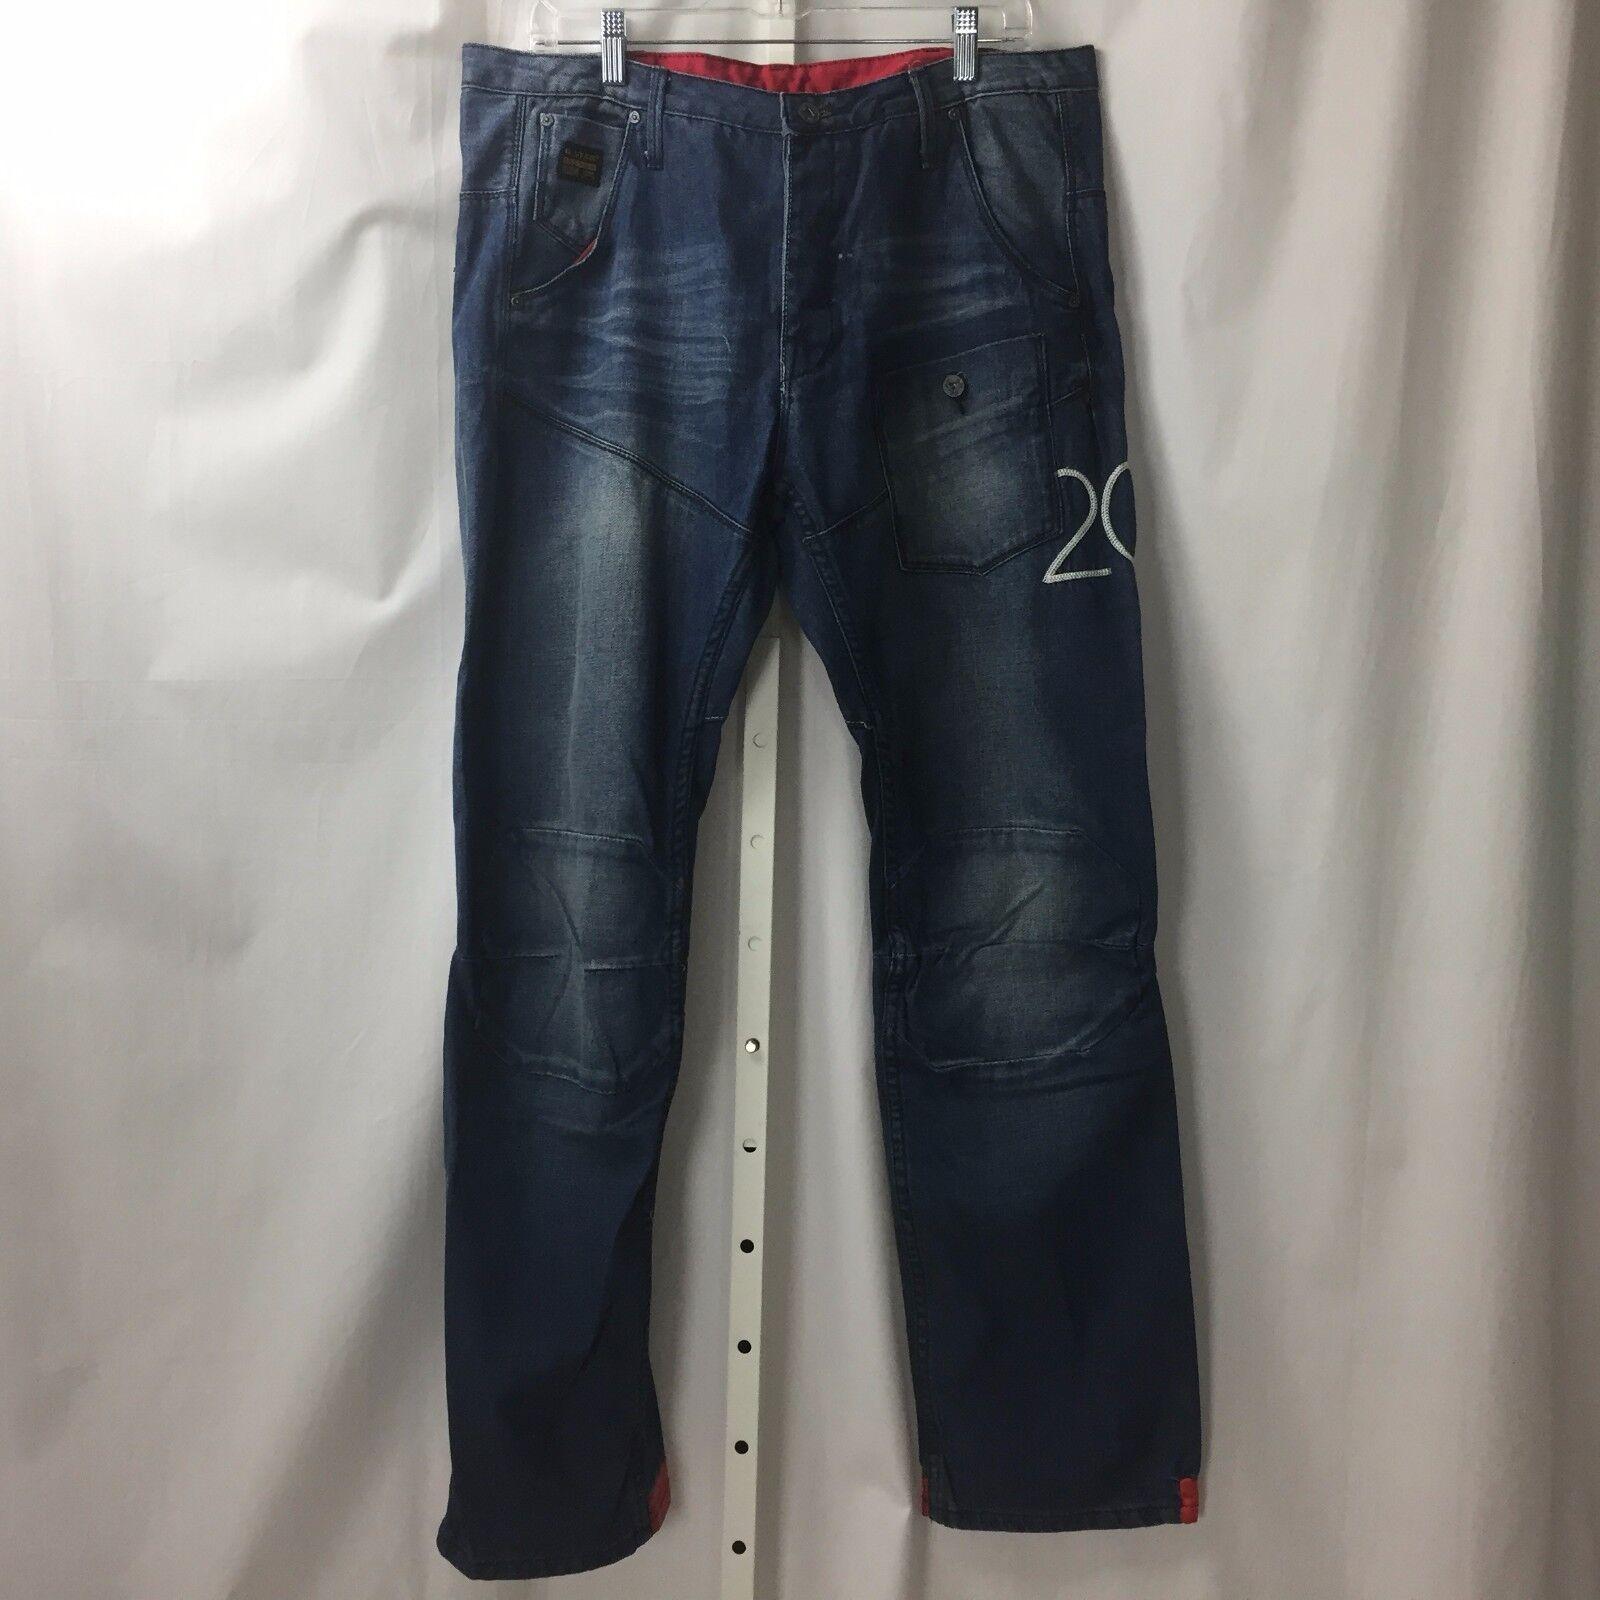 G Star Originals Raw Denim Medium Wash Jeans Sz 36W 32L